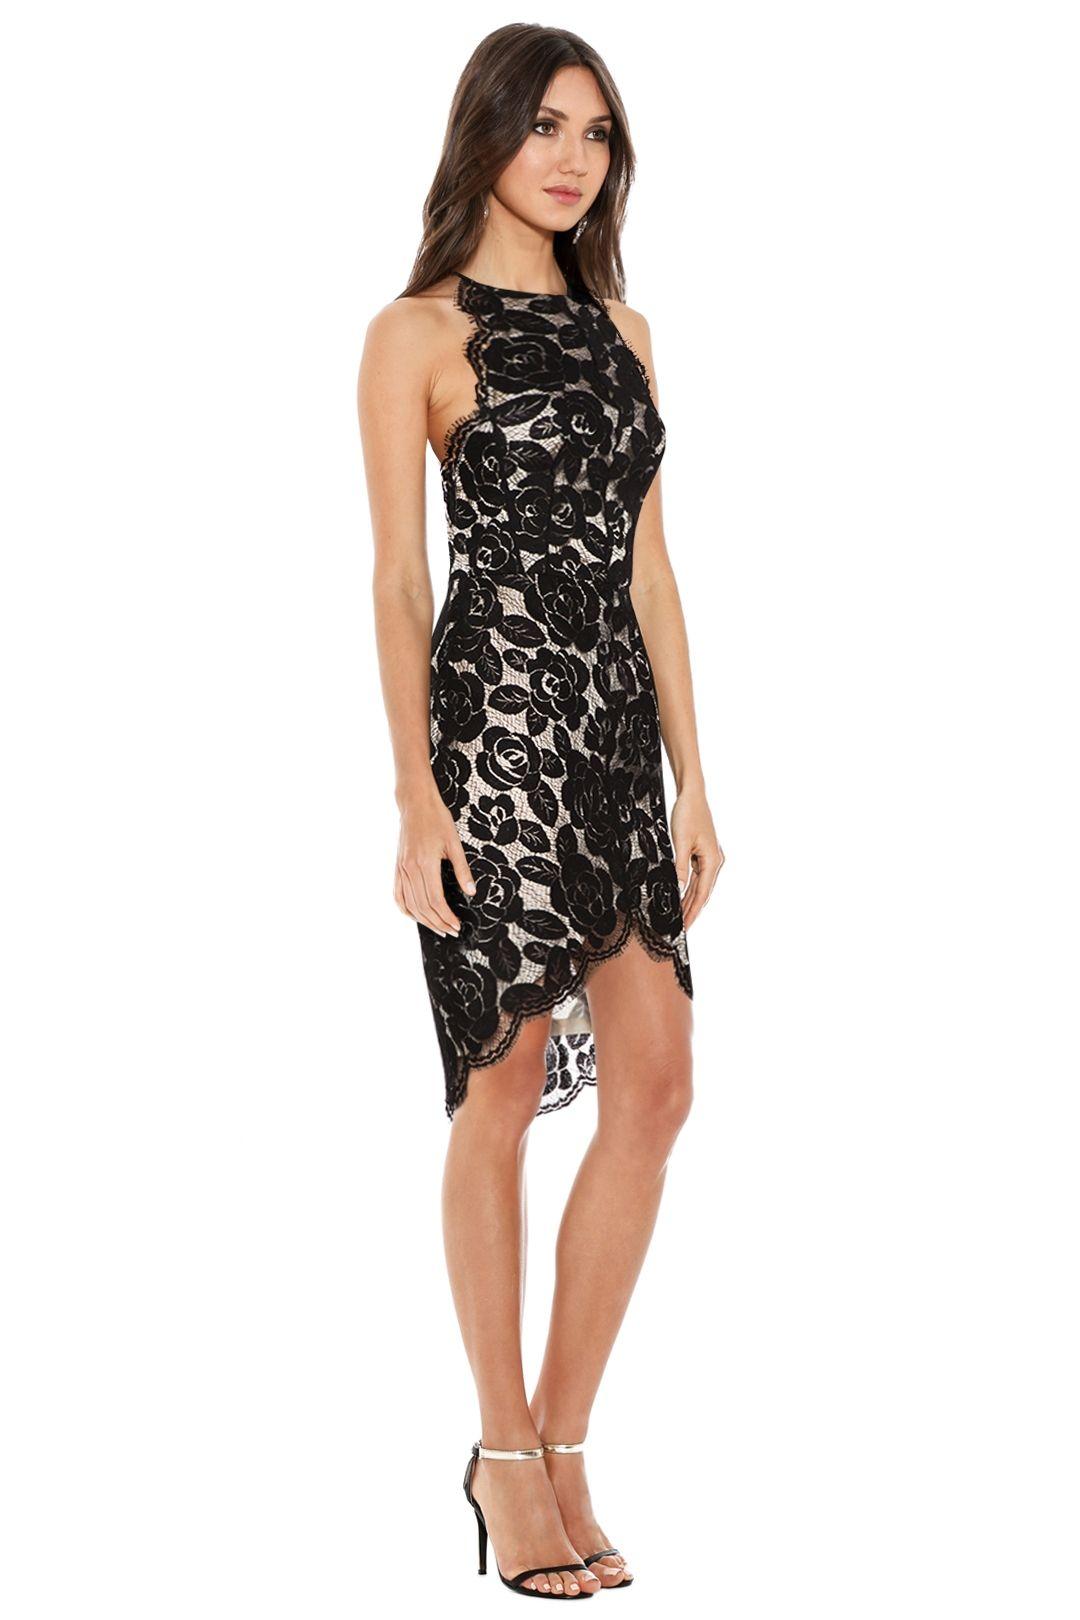 Lover - Rosebud Lace Knit Halter Dress - Black - Side